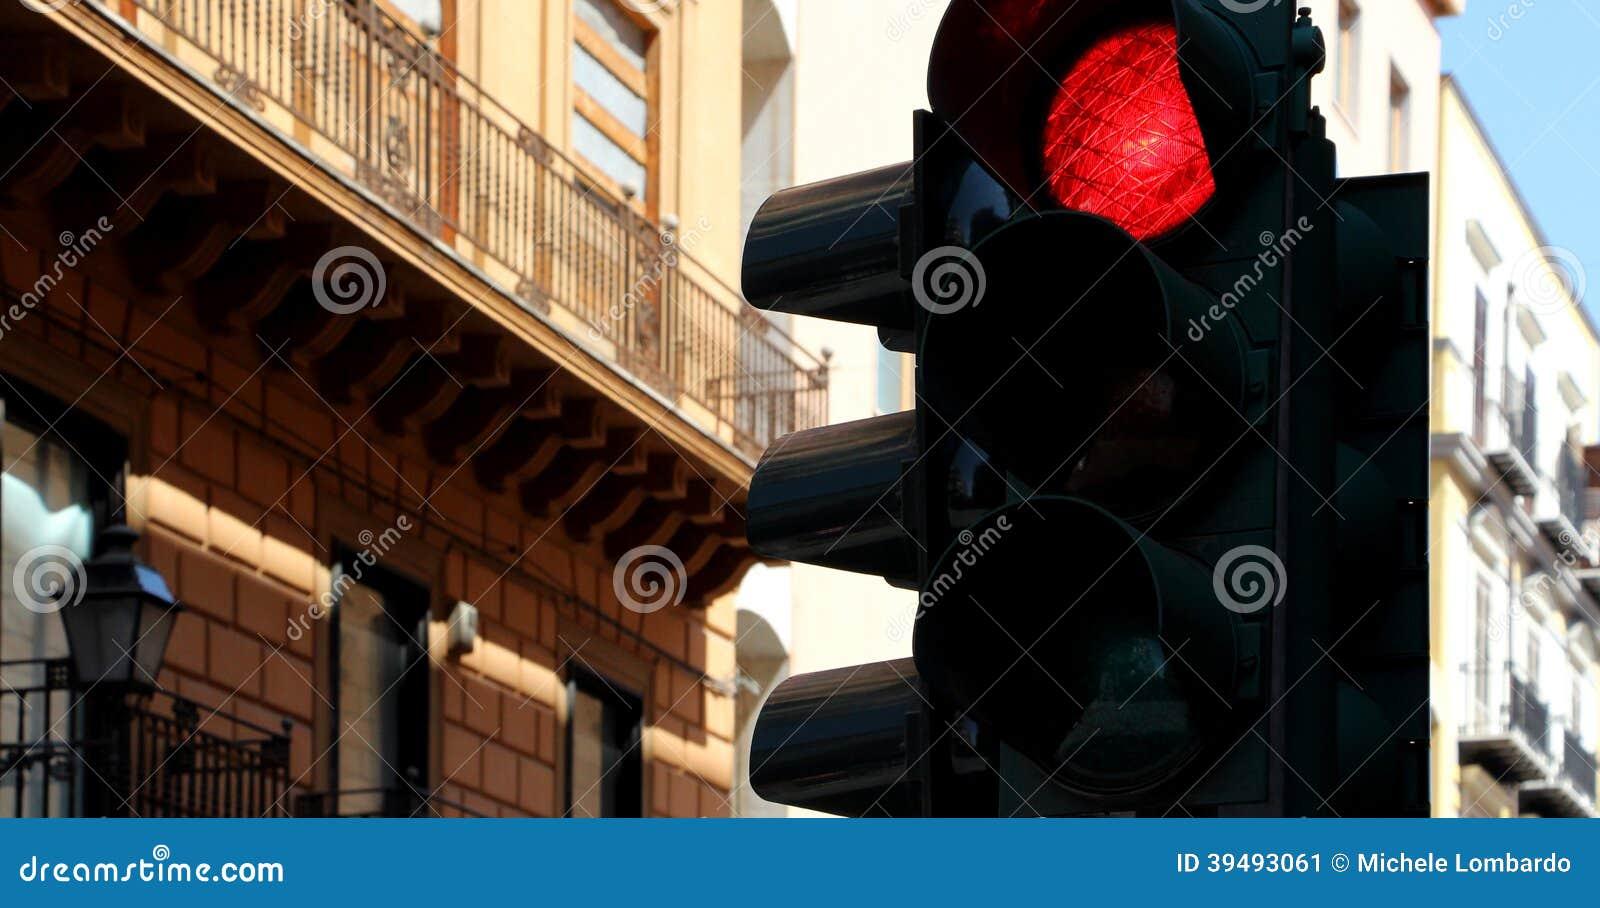 Trafikljus som är röda